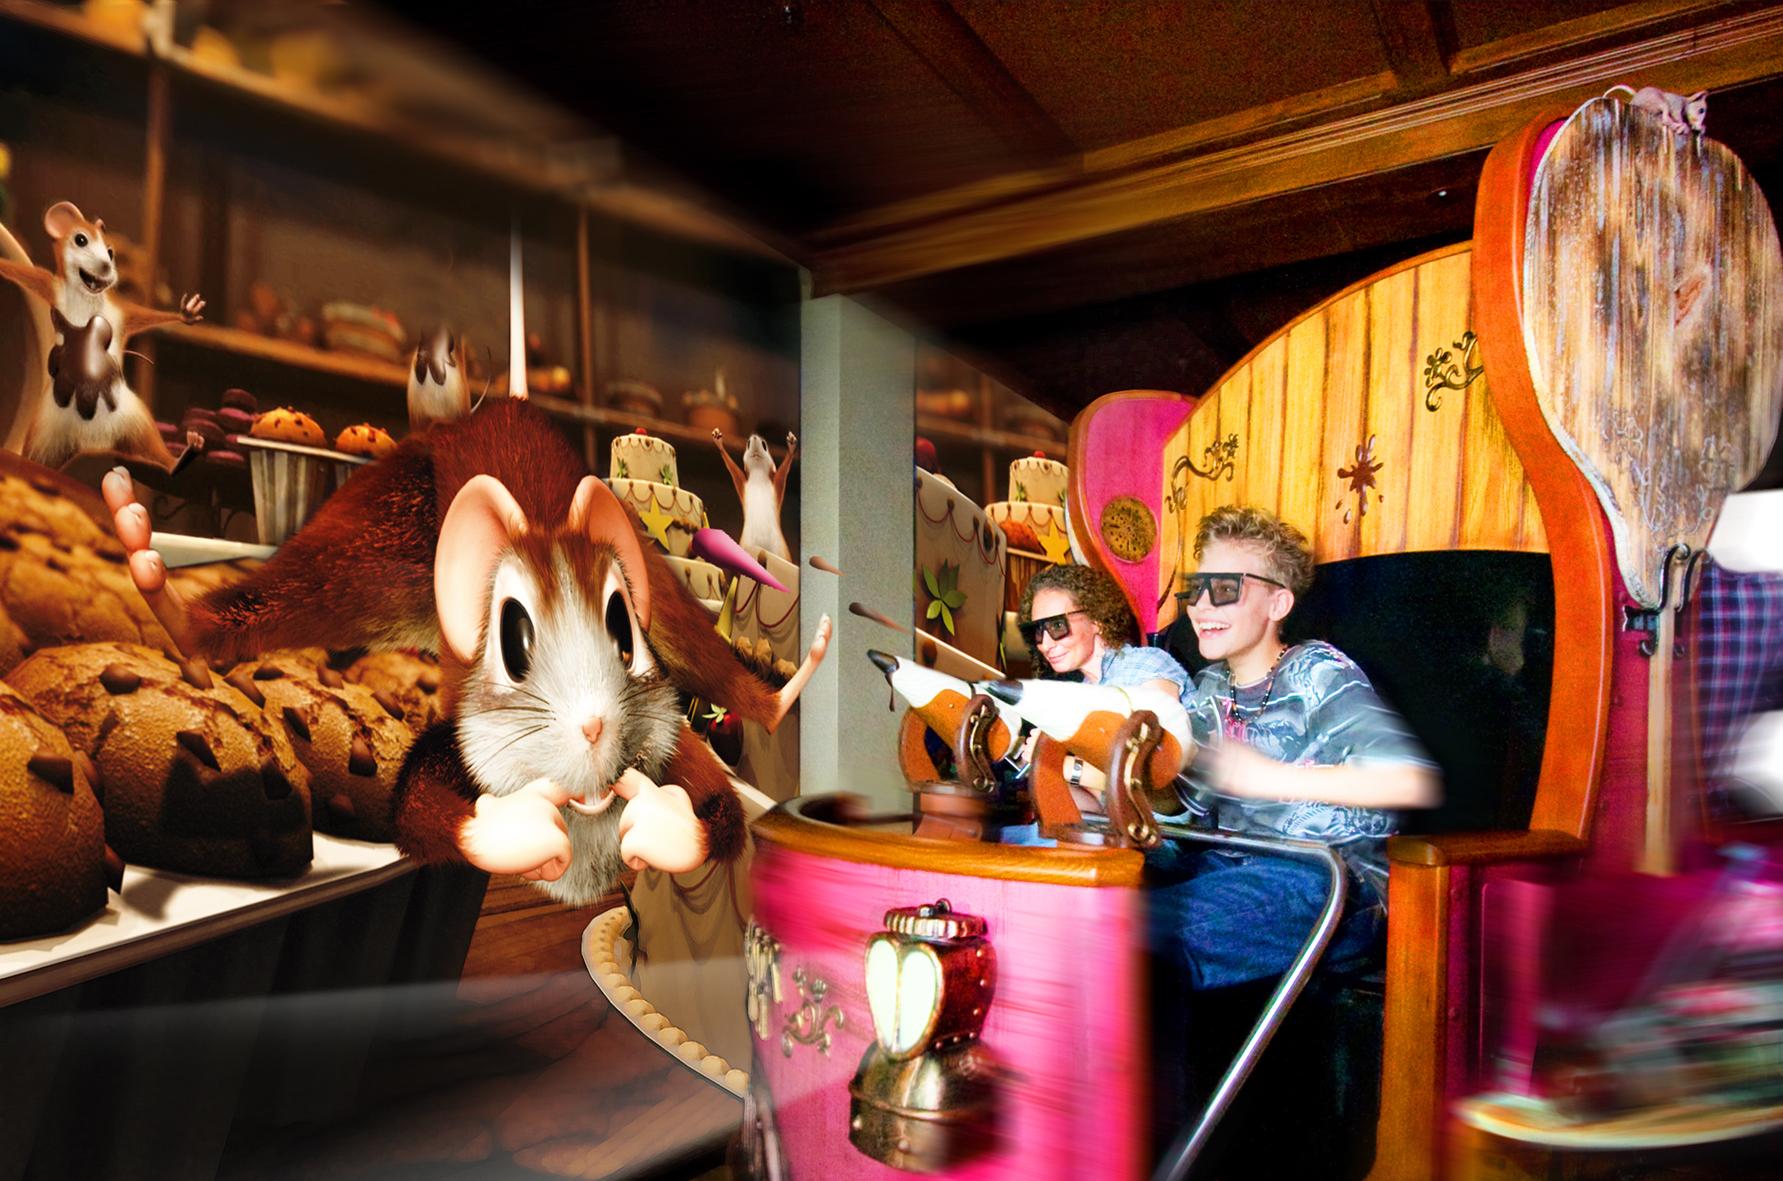 Maus au Chocolat, interaktive Familien-Attraktion in 3D - europaweit einmalig